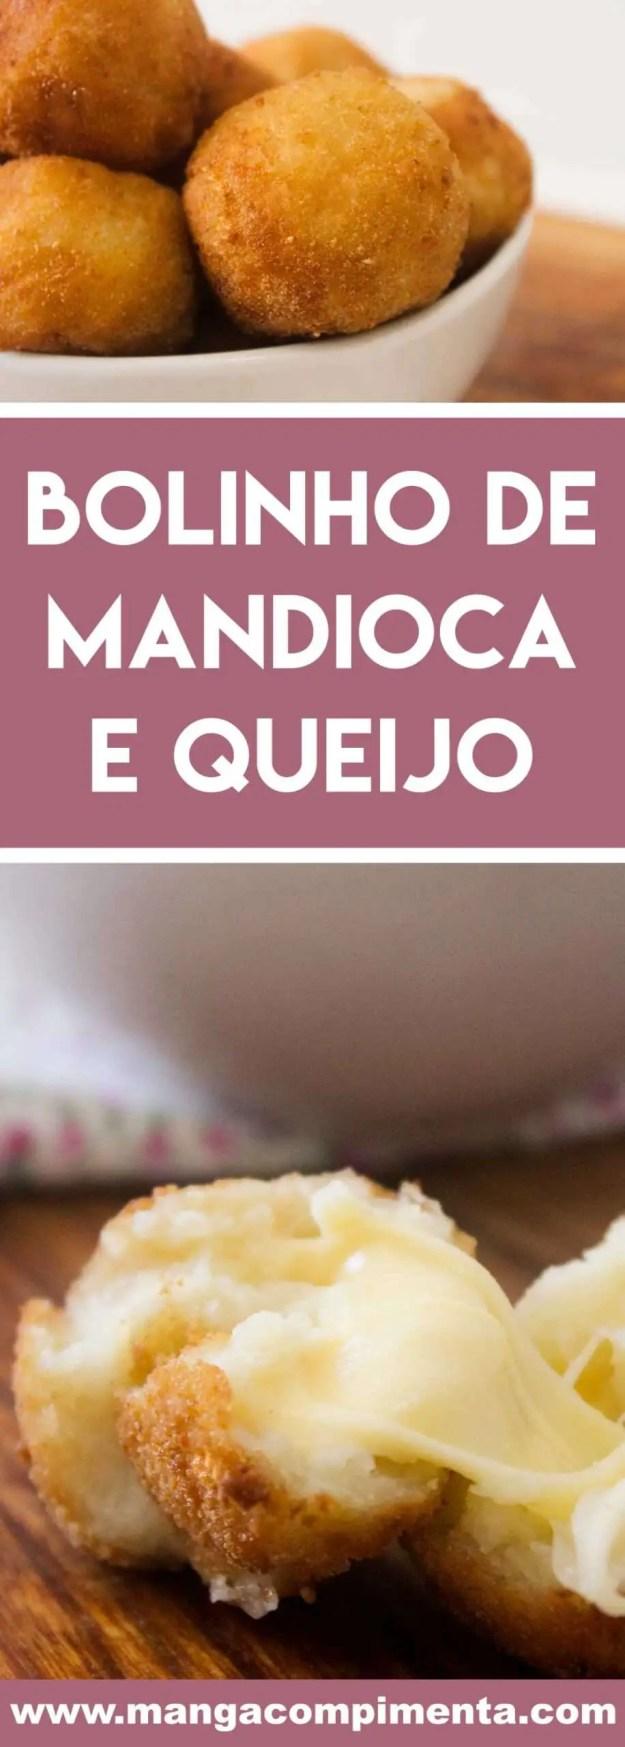 Receita de Bolinho de Mandioca e Queijo - prepara para festejar ou para petiscar.